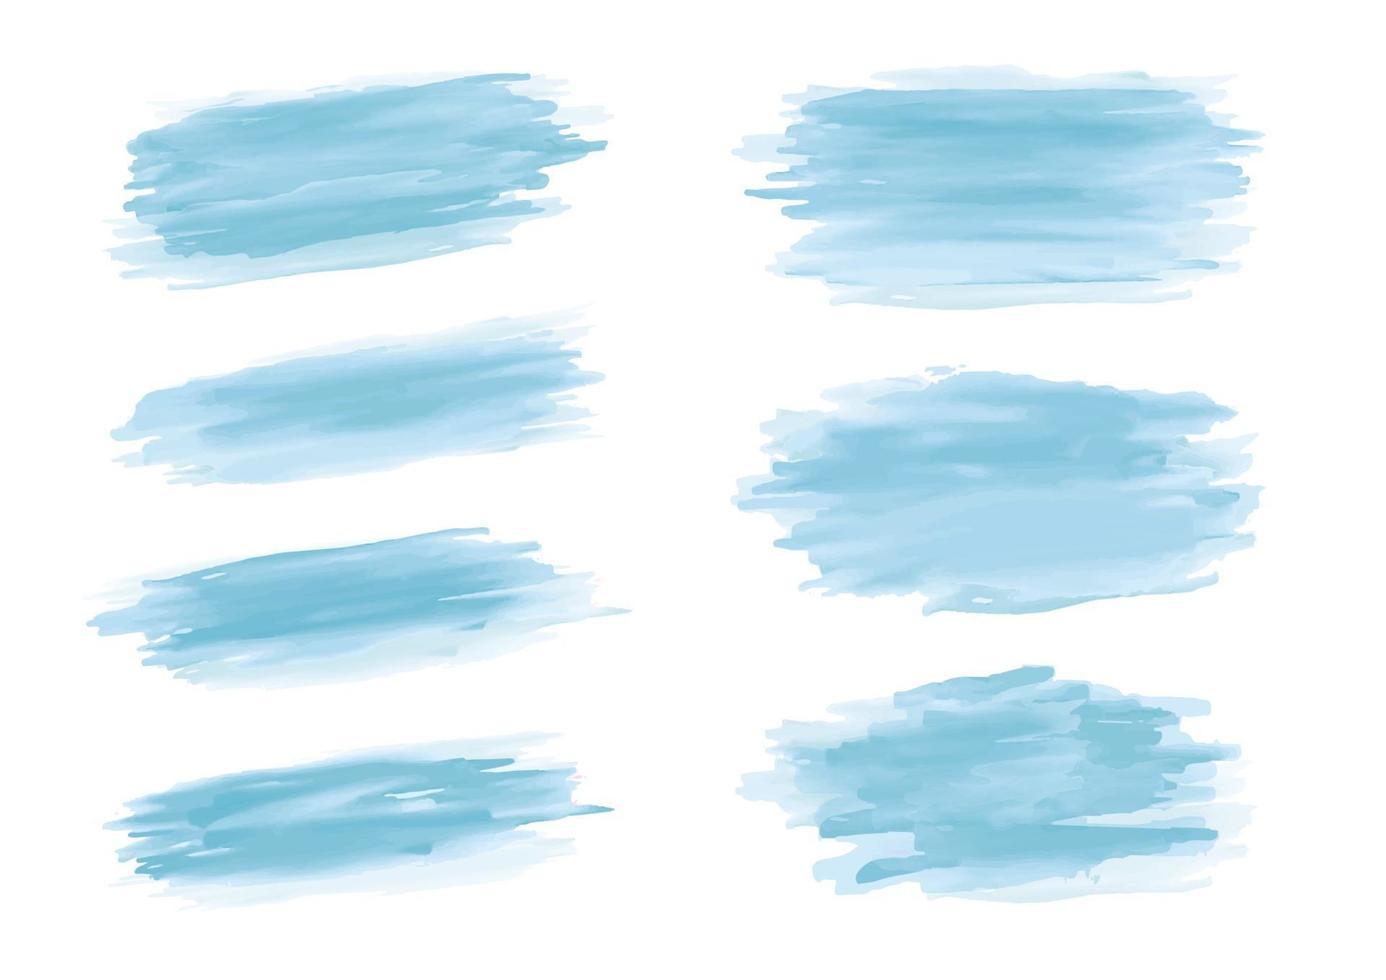 coup de pinceau aquarelle bleu sur illustration vectorielle fond blanc vecteur